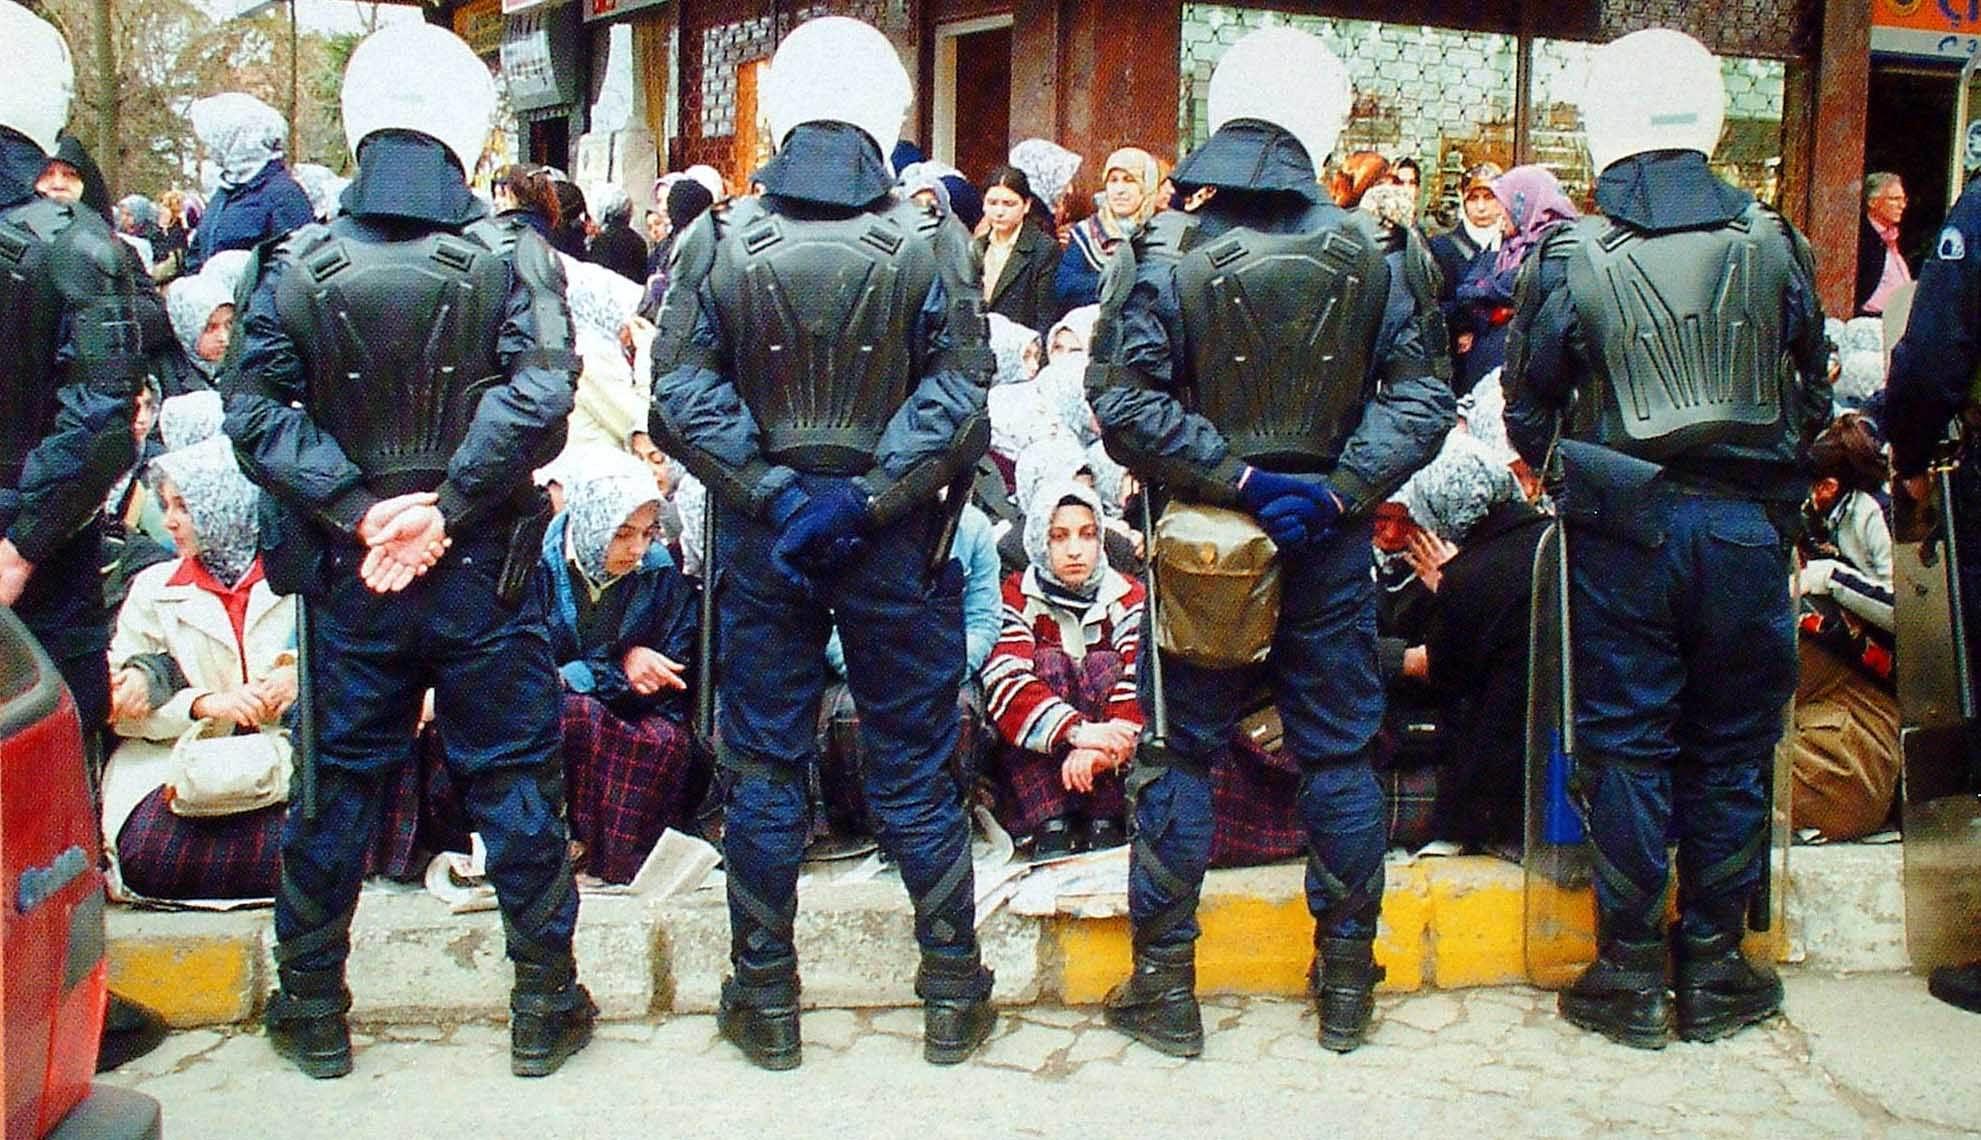 28 Şubat sürecinde ve izleyen dönemde başörtülü öğrencilerin üniversiteye girmeleri engellenmiş, yasak yıllarca protesto edilmişti